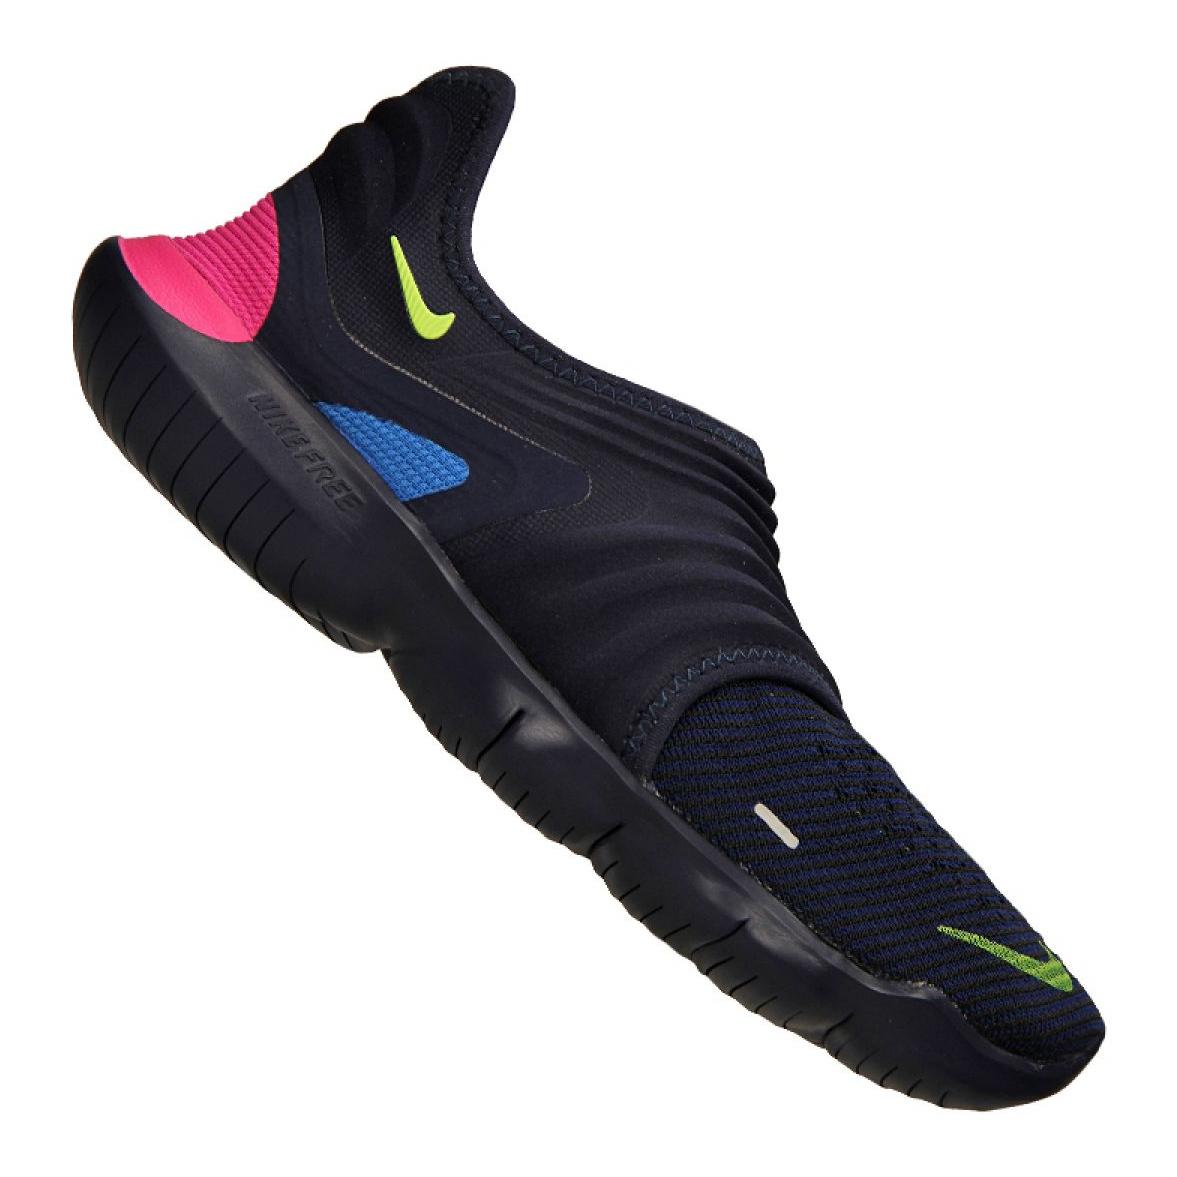 new product f0615 da42f Marine Nike Free Rn Flyknit 3.0 M AQ5707-400 Schuhe